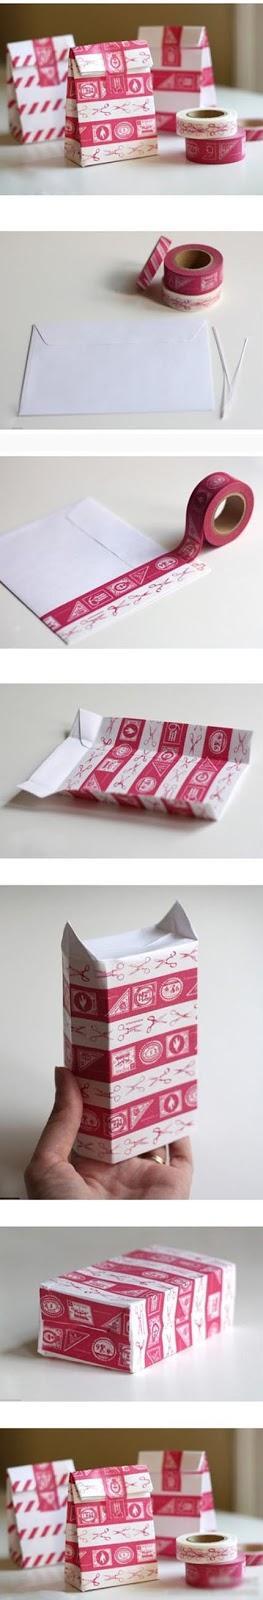 Como hacer bolsitas de souvenirs para cumpleaños - DIY -